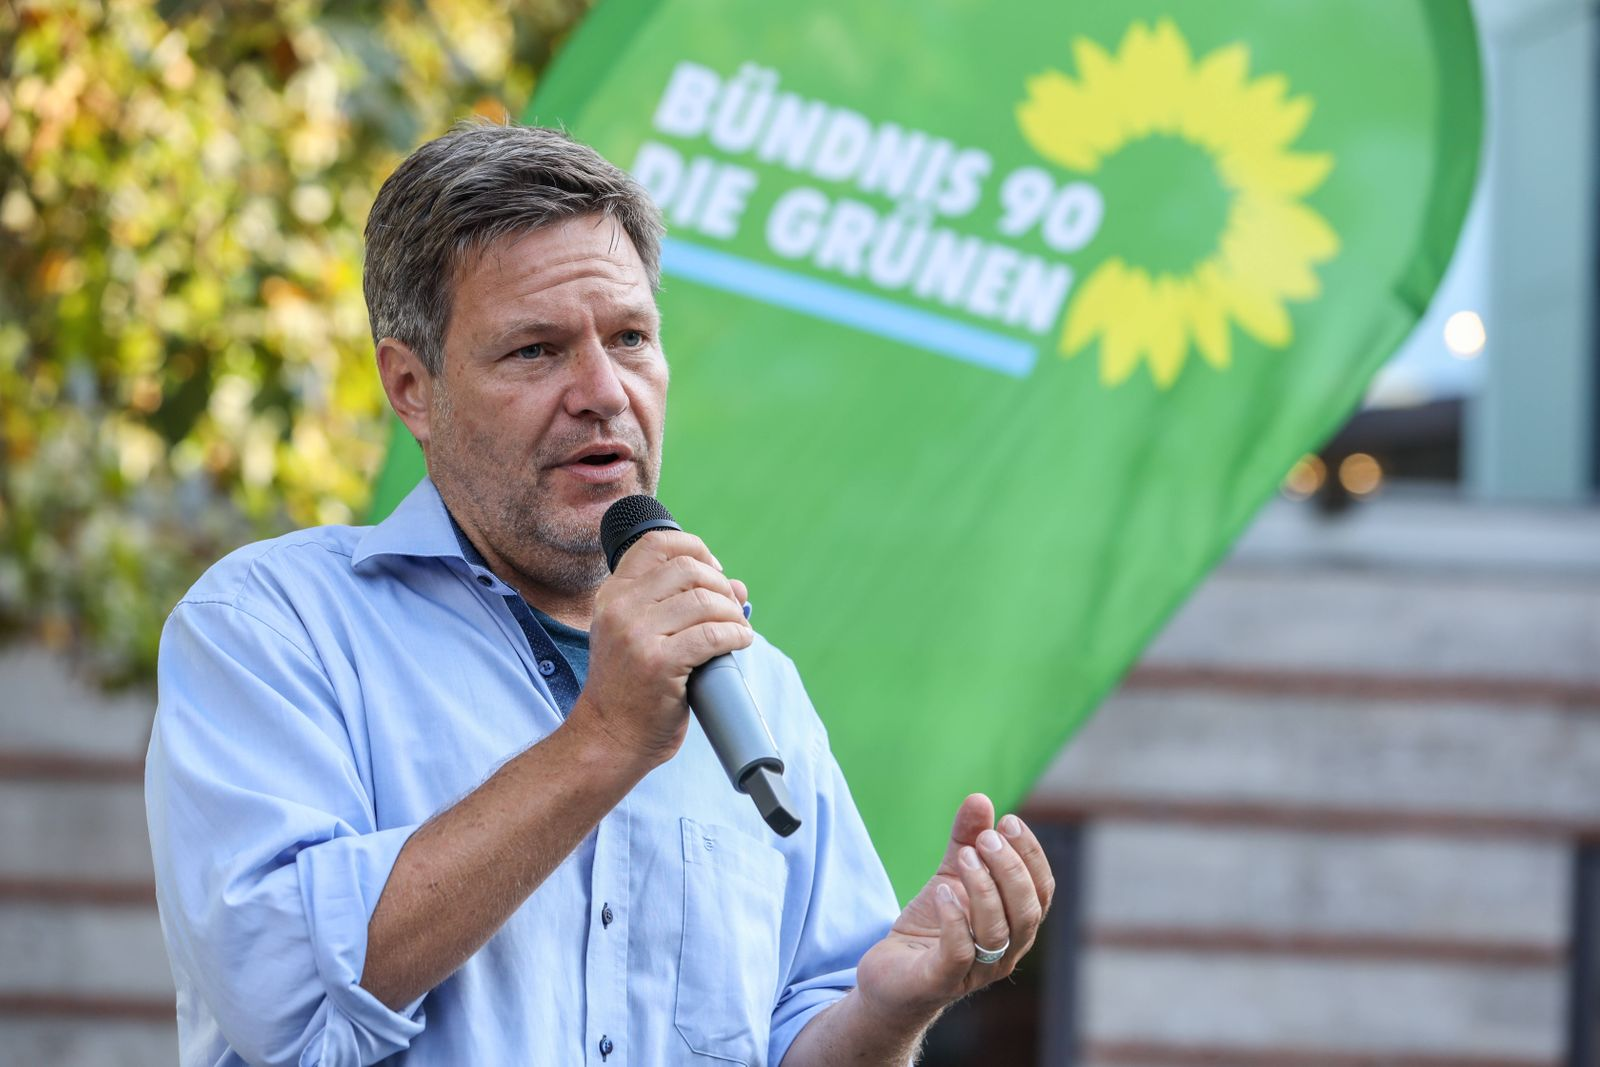 Kommunalwahkampf NRW 2020 Bündnis 90 Die Grünen DEU, Deutschland, Nordrhein-Westfalen, Münster, 23.09.2020: Der Oberbür